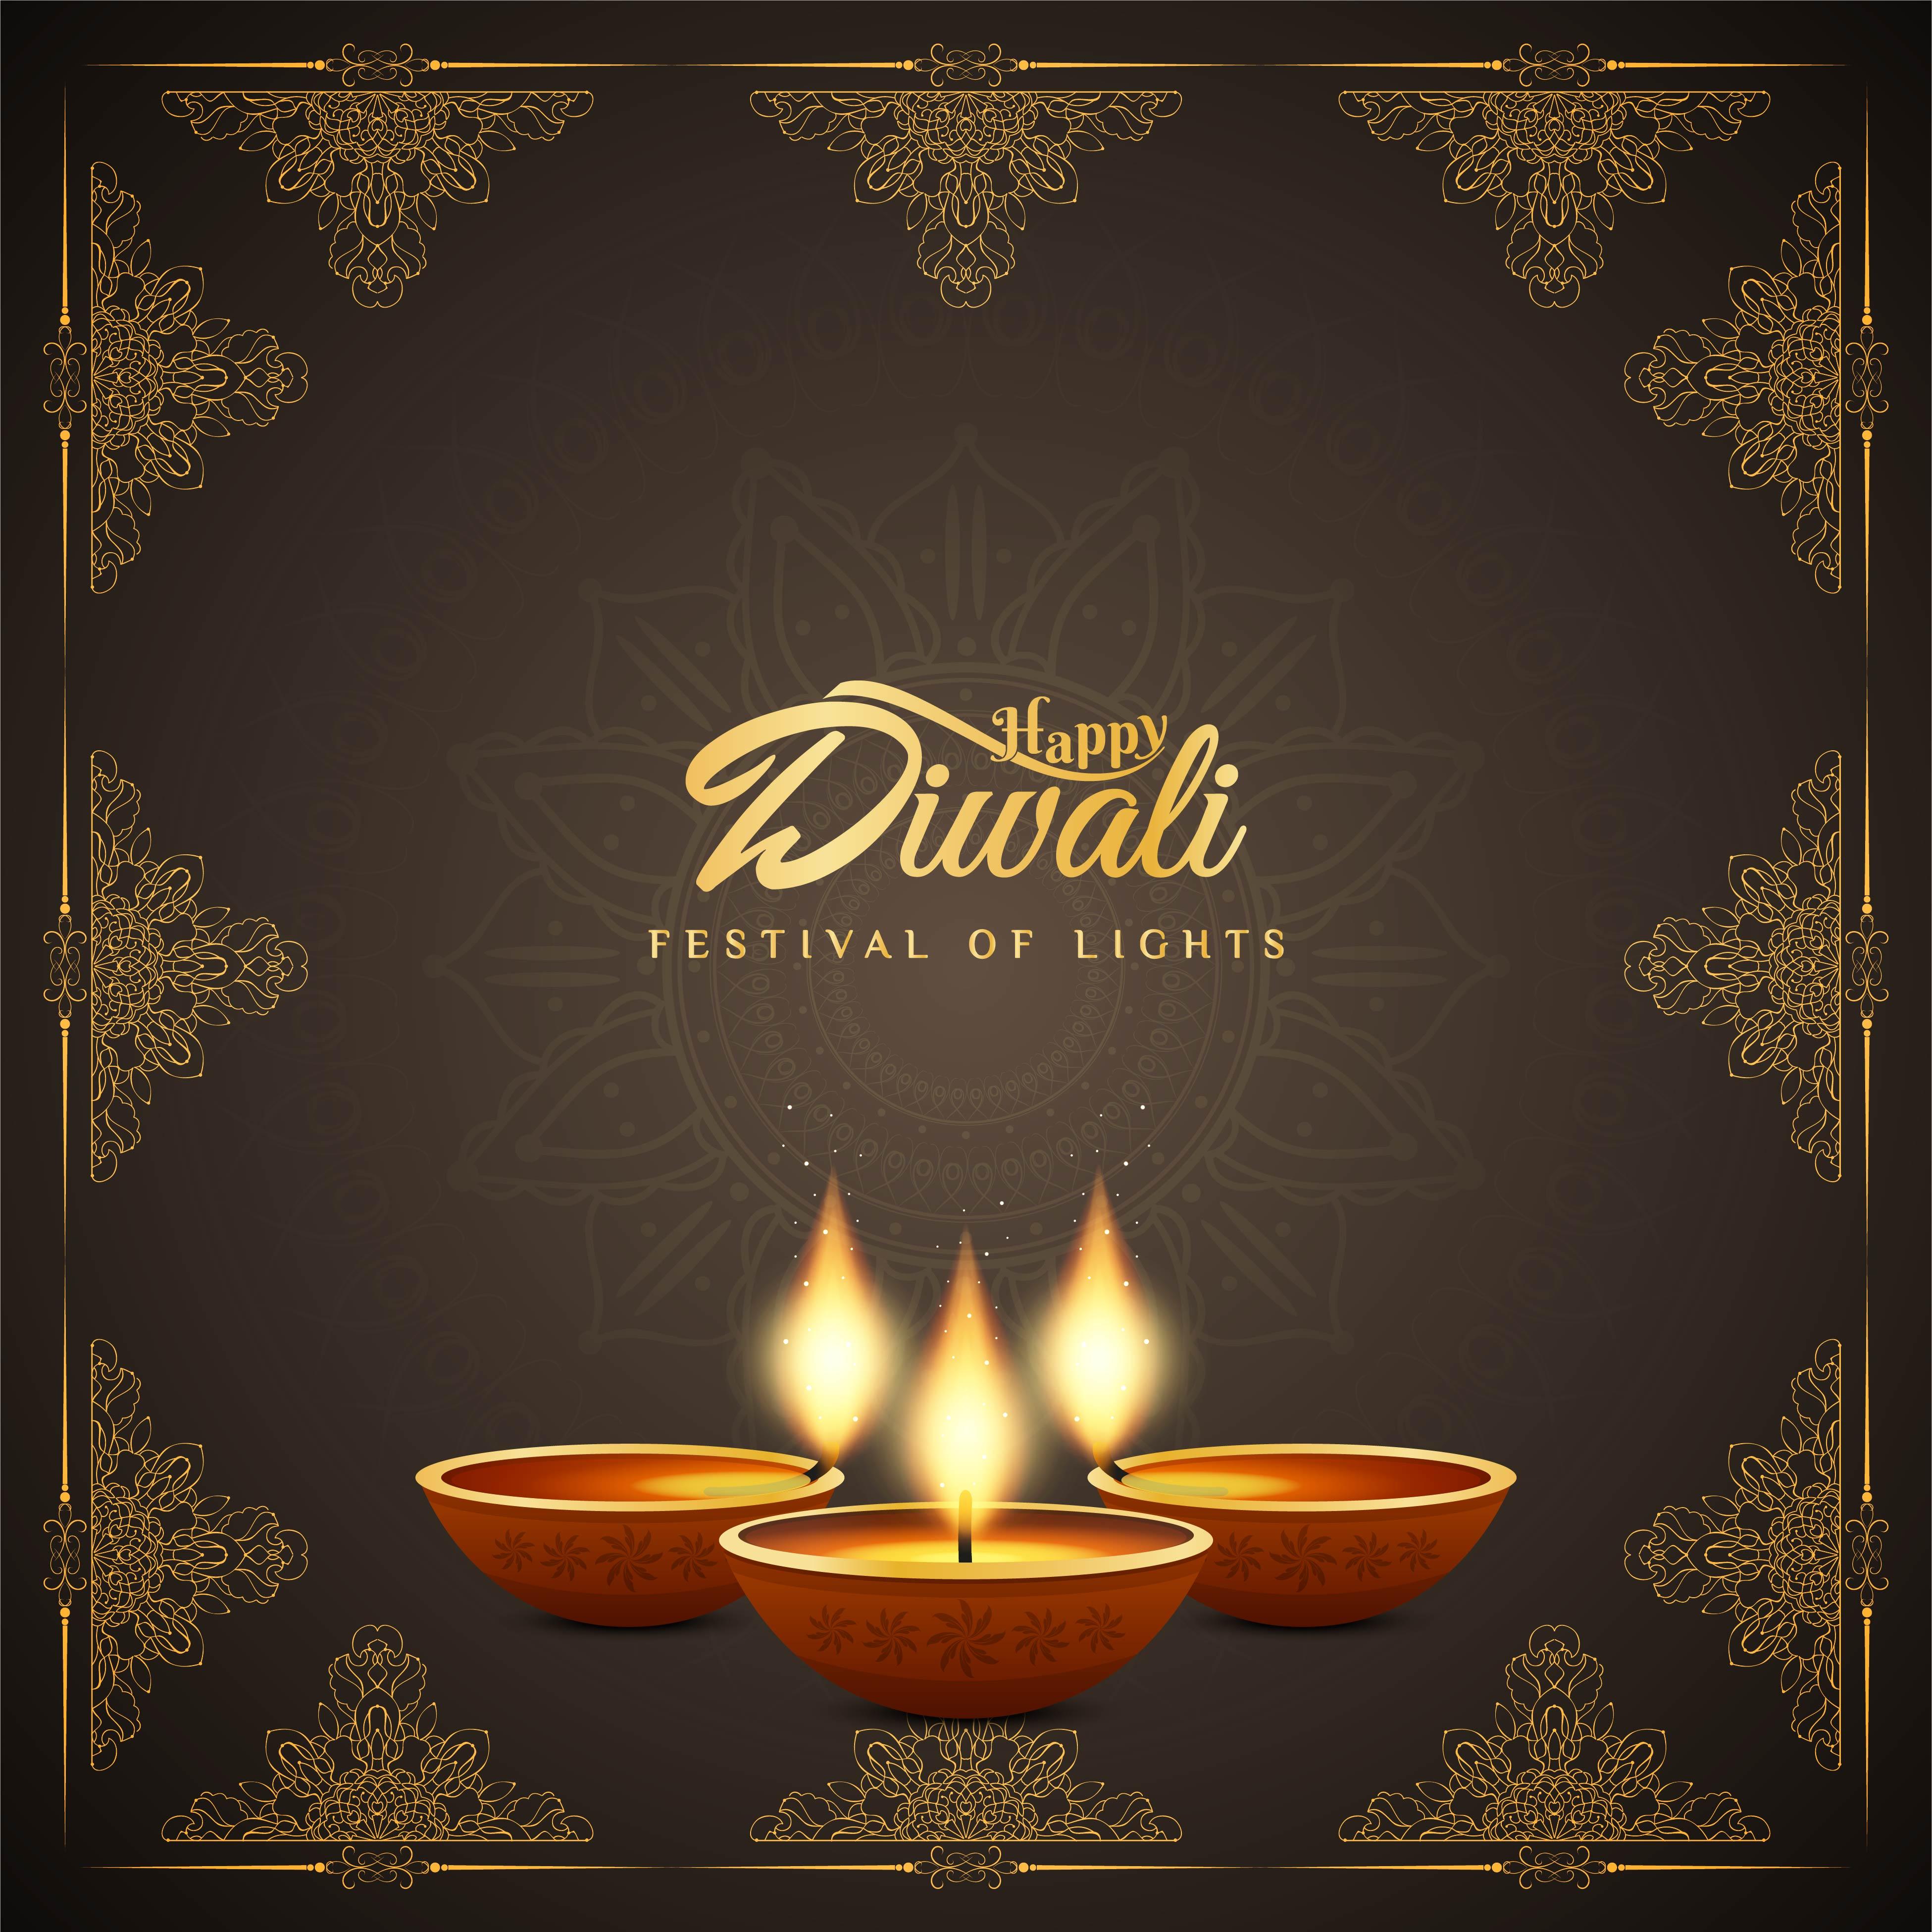 Resume Festival De Joyeux Diwali Telecharger Vectoriel Gratuit Clipart Graphique Vecteur Dessins Et Pictogramme Gratuit